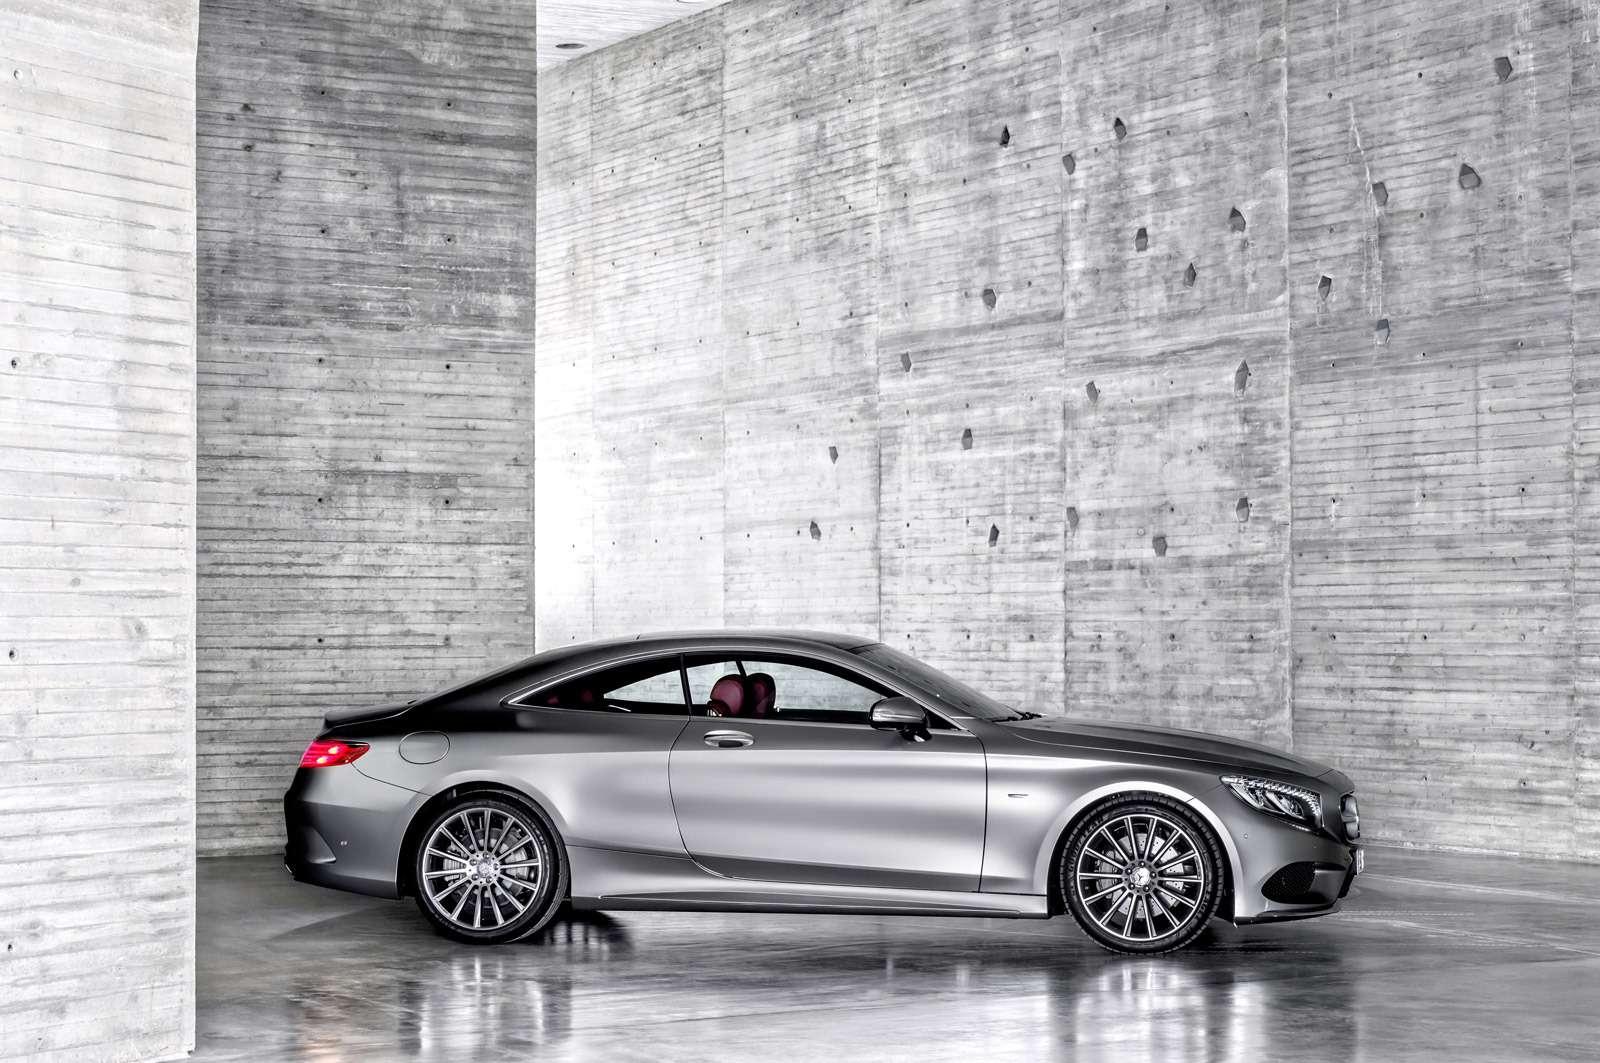 В Нью-Йорке «Всемирным автомобилем года 2015» признан Mercedes-Benz C-класс